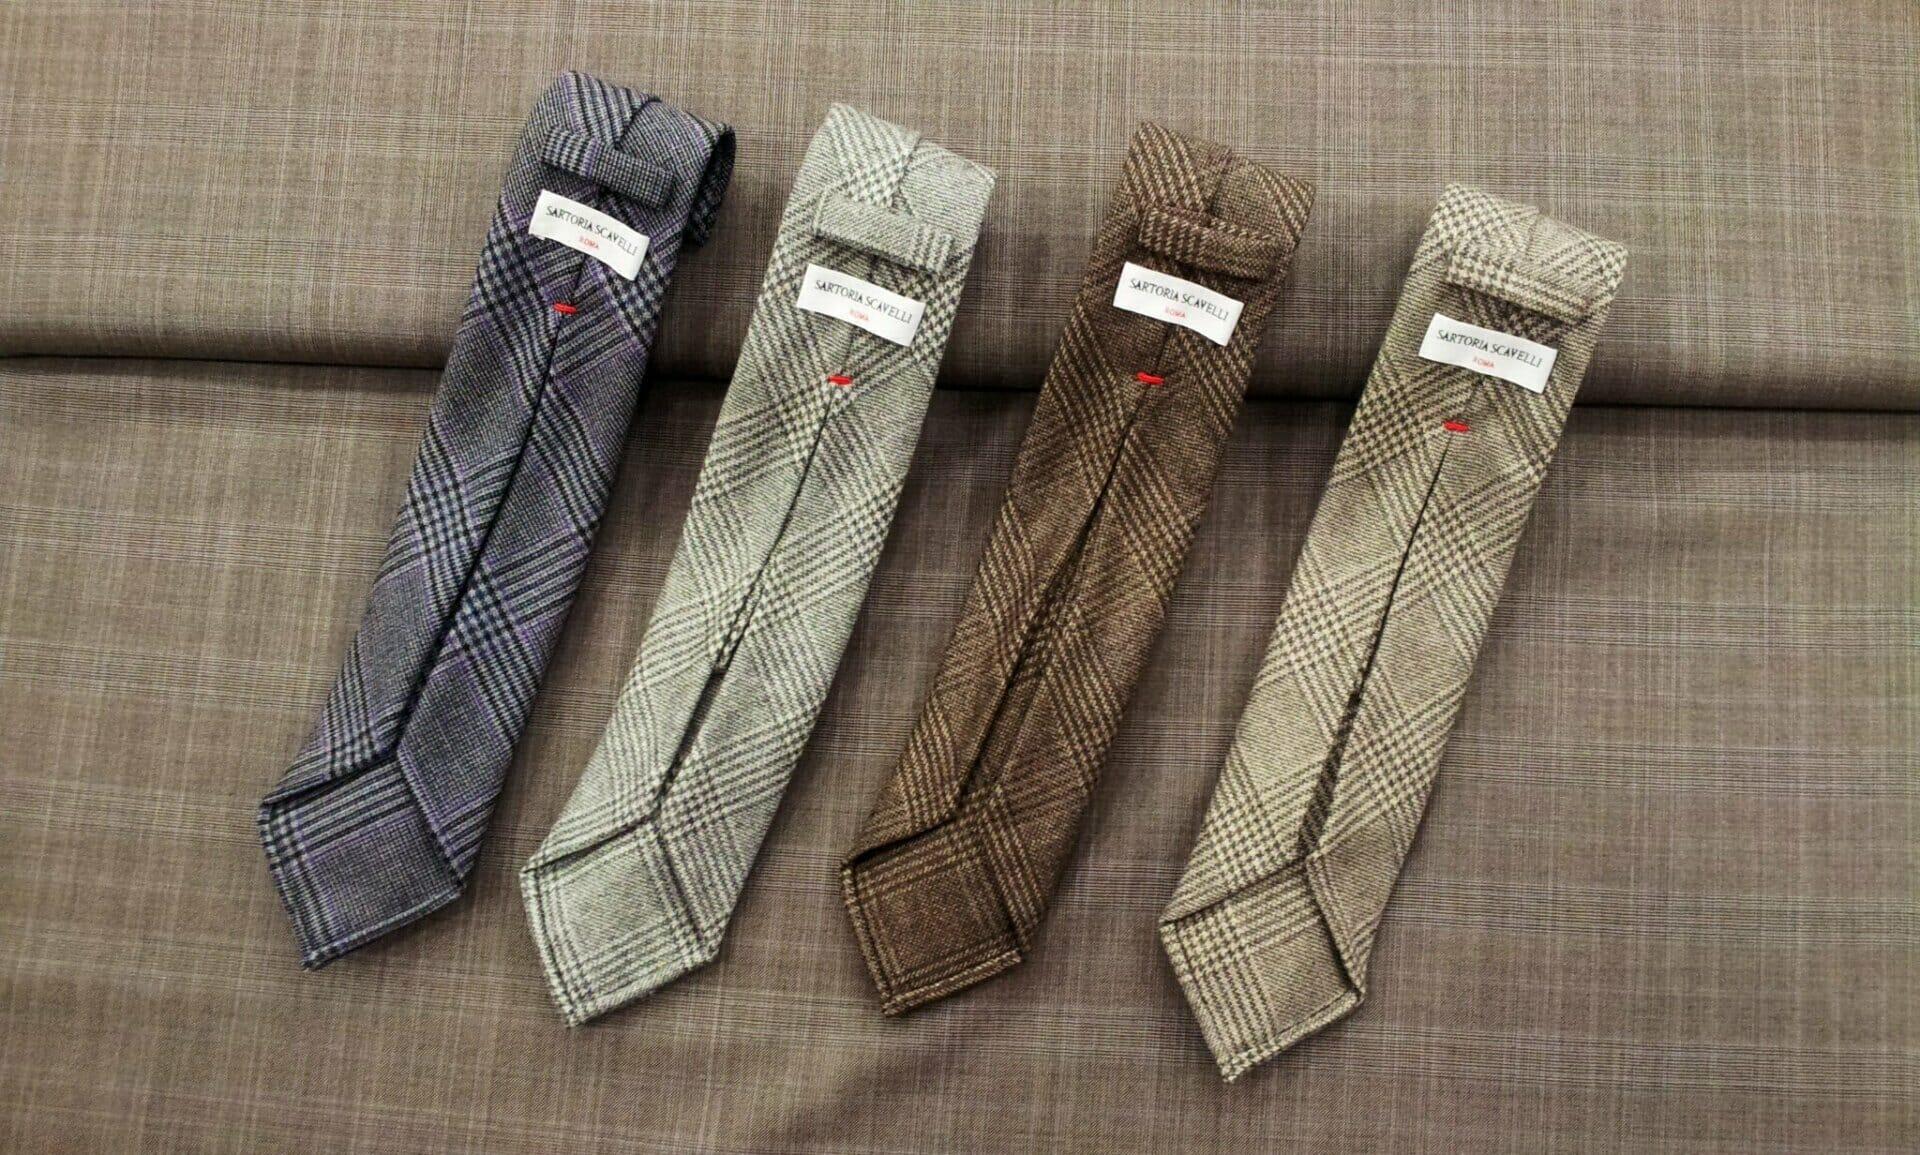 comprare a buon mercato grande sconto rivenditore all'ingrosso Cravatte in cashmere sette pieghe sfoderate ~ Sartoria ...